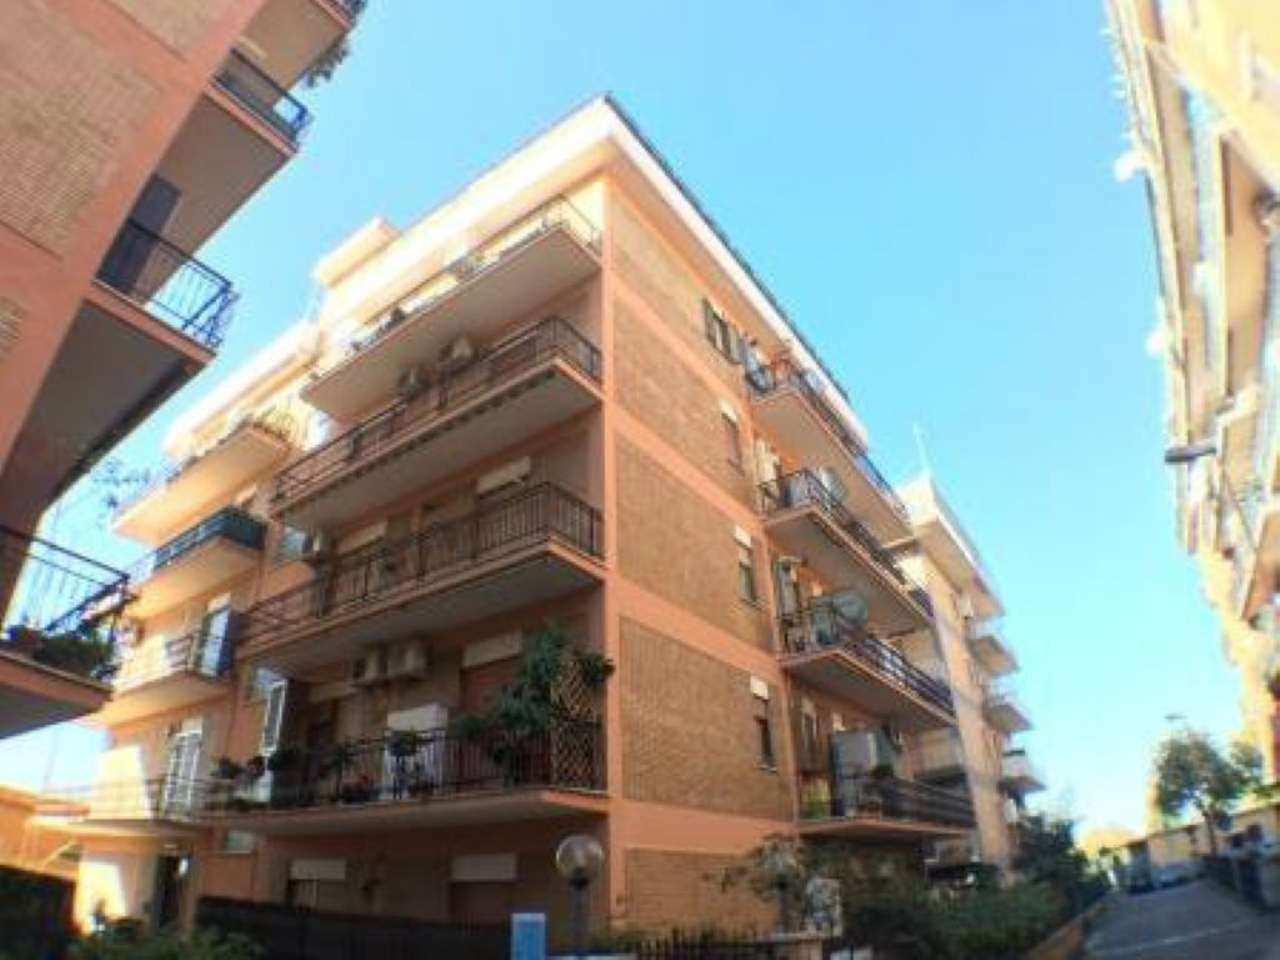 Appartamento in vendita a Ciampino, 4 locali, prezzo € 198.000 | CambioCasa.it